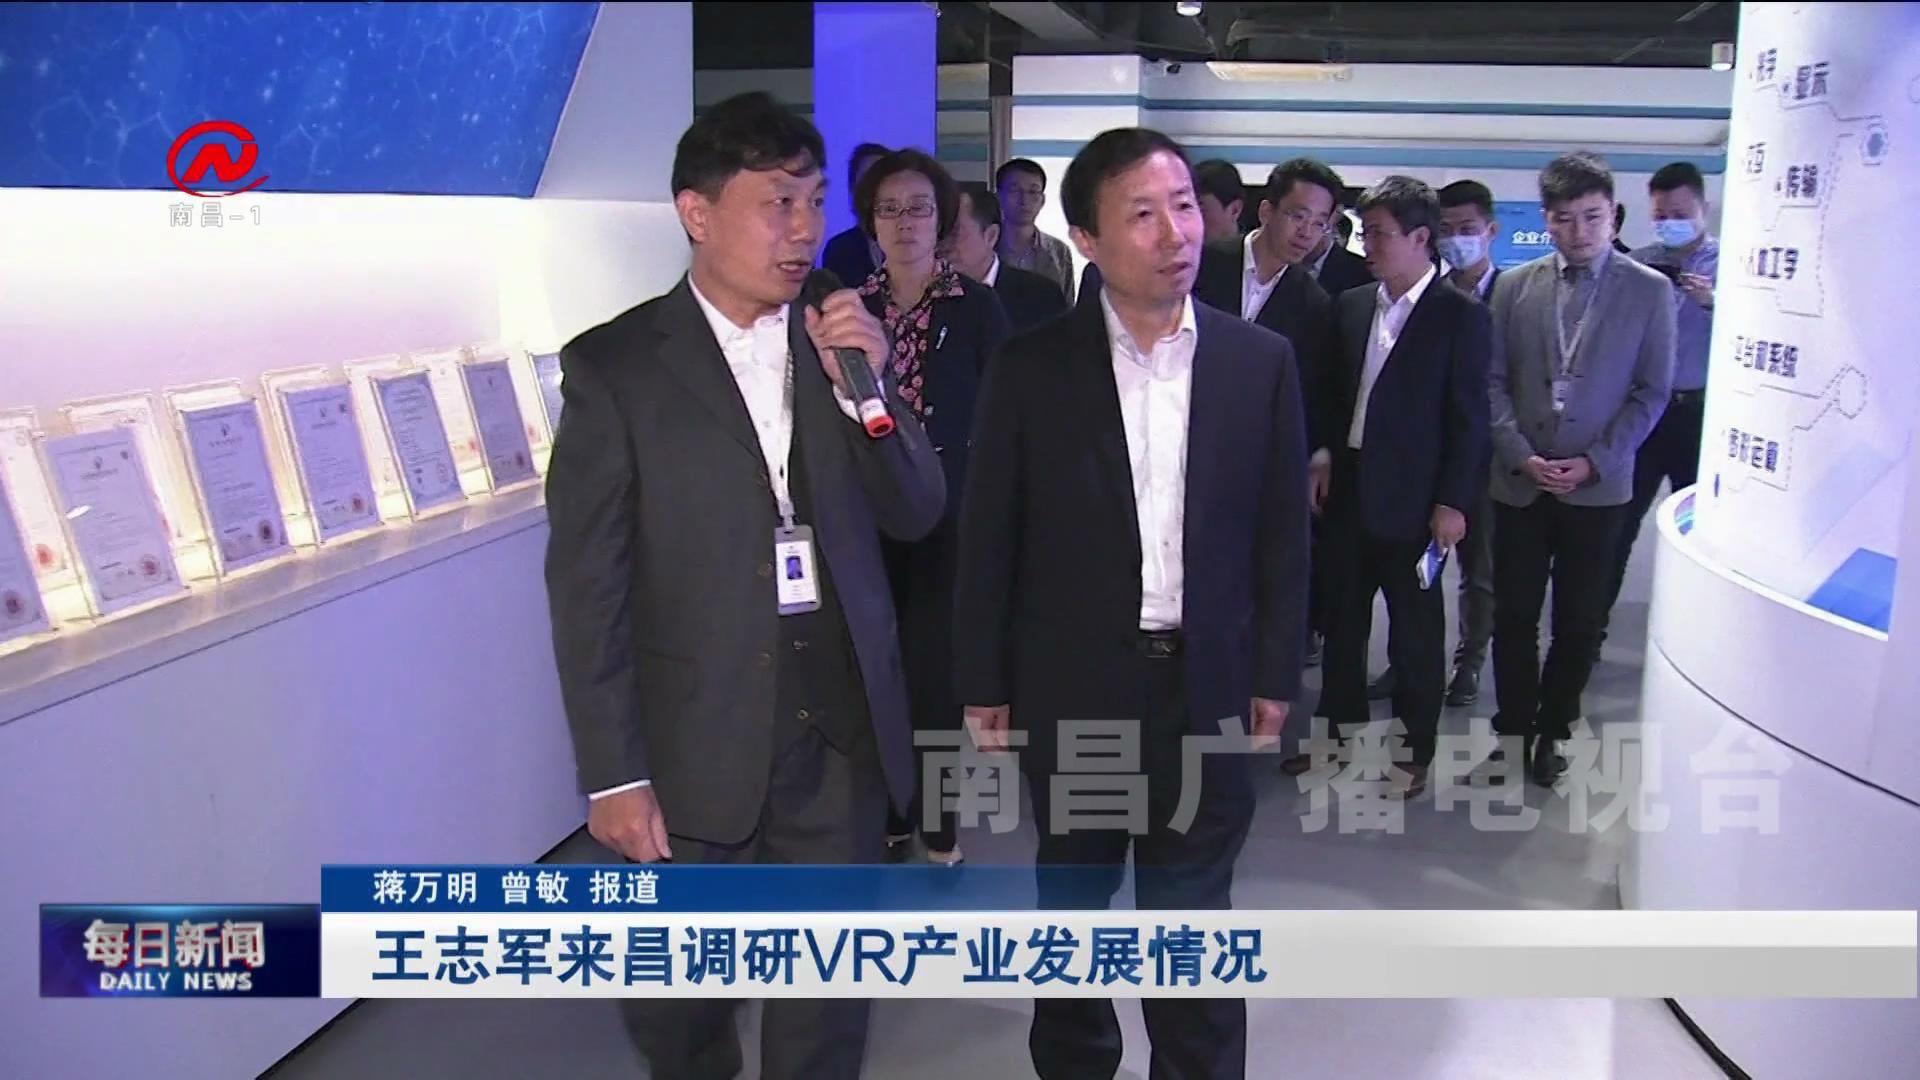 王志军来昌调研VR产业发展情况